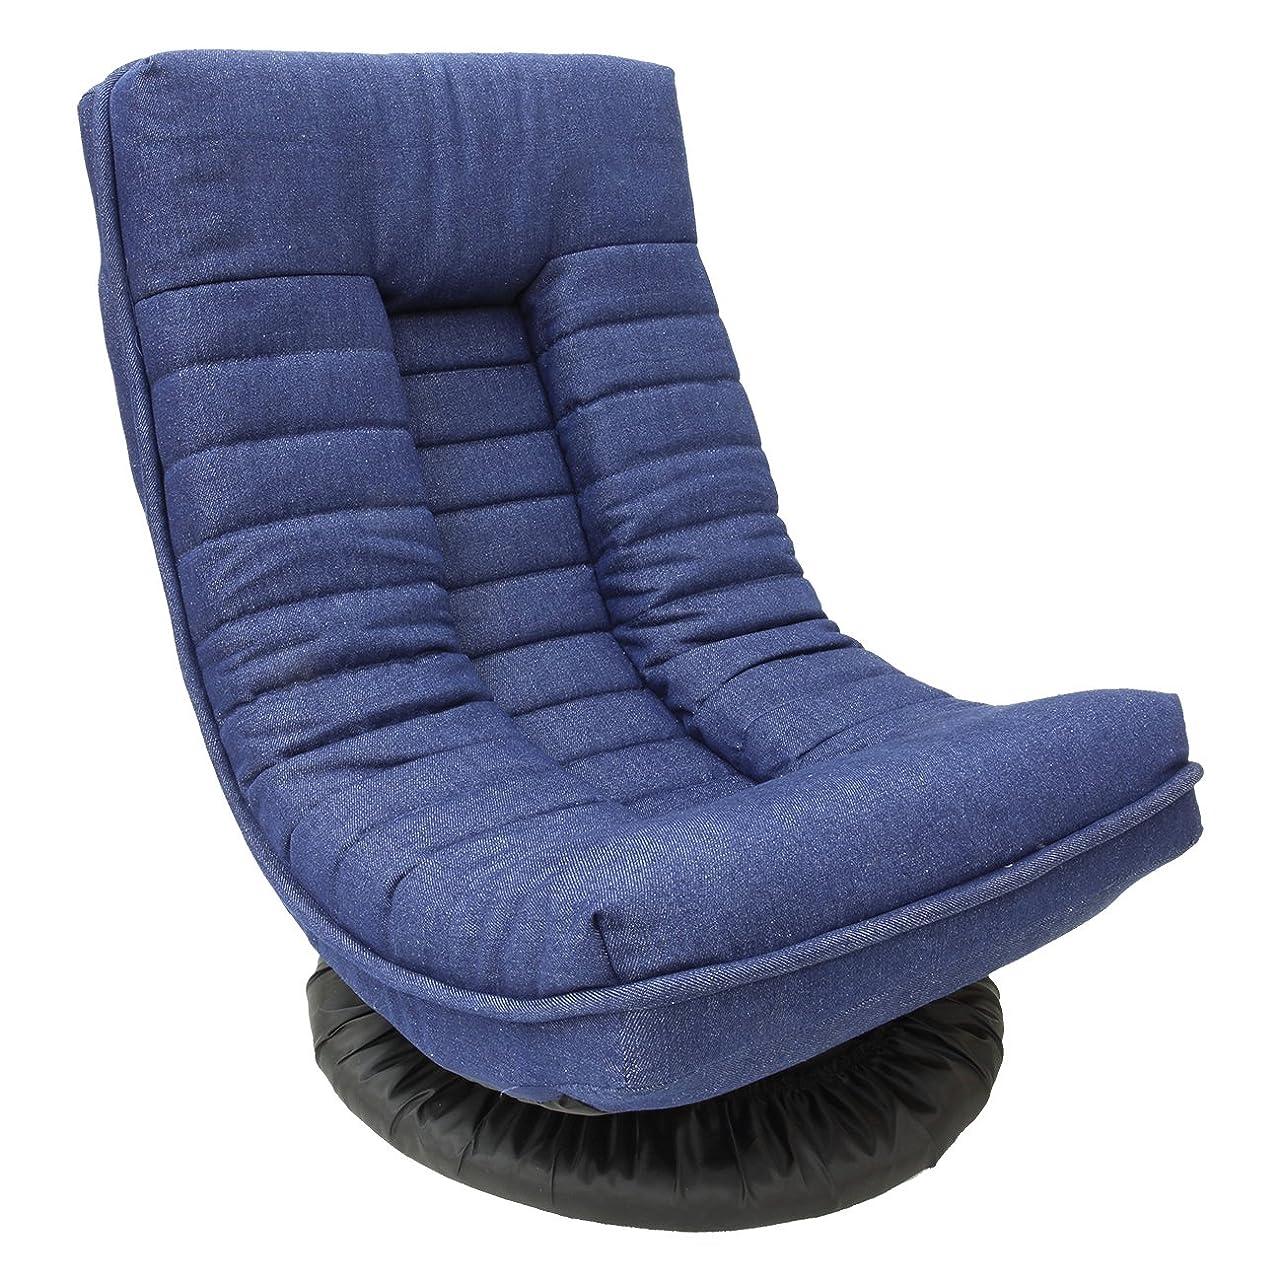 活発蒸留する飲み込む回転 座椅子ILO(アイロ)チェア ソフトデニム IAC-LCA-530